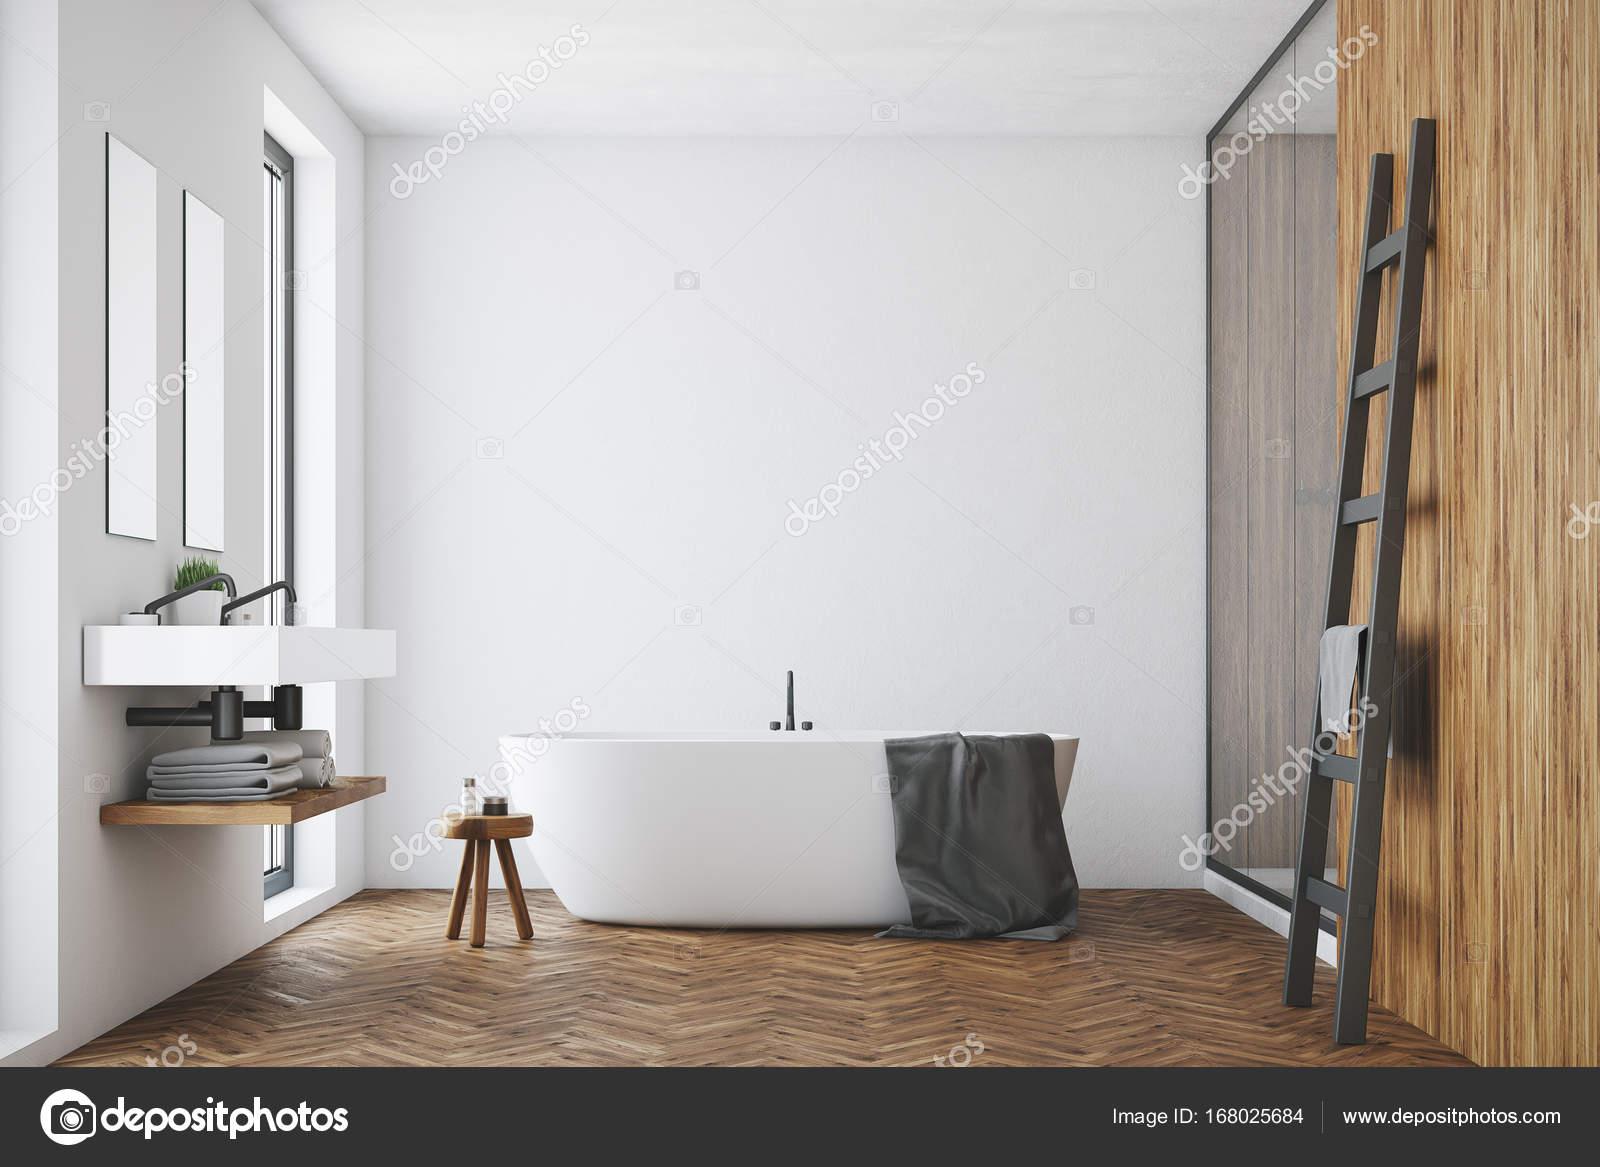 weiß und holz bad, weiße wanne — stockfoto © denisismagilov #168025684